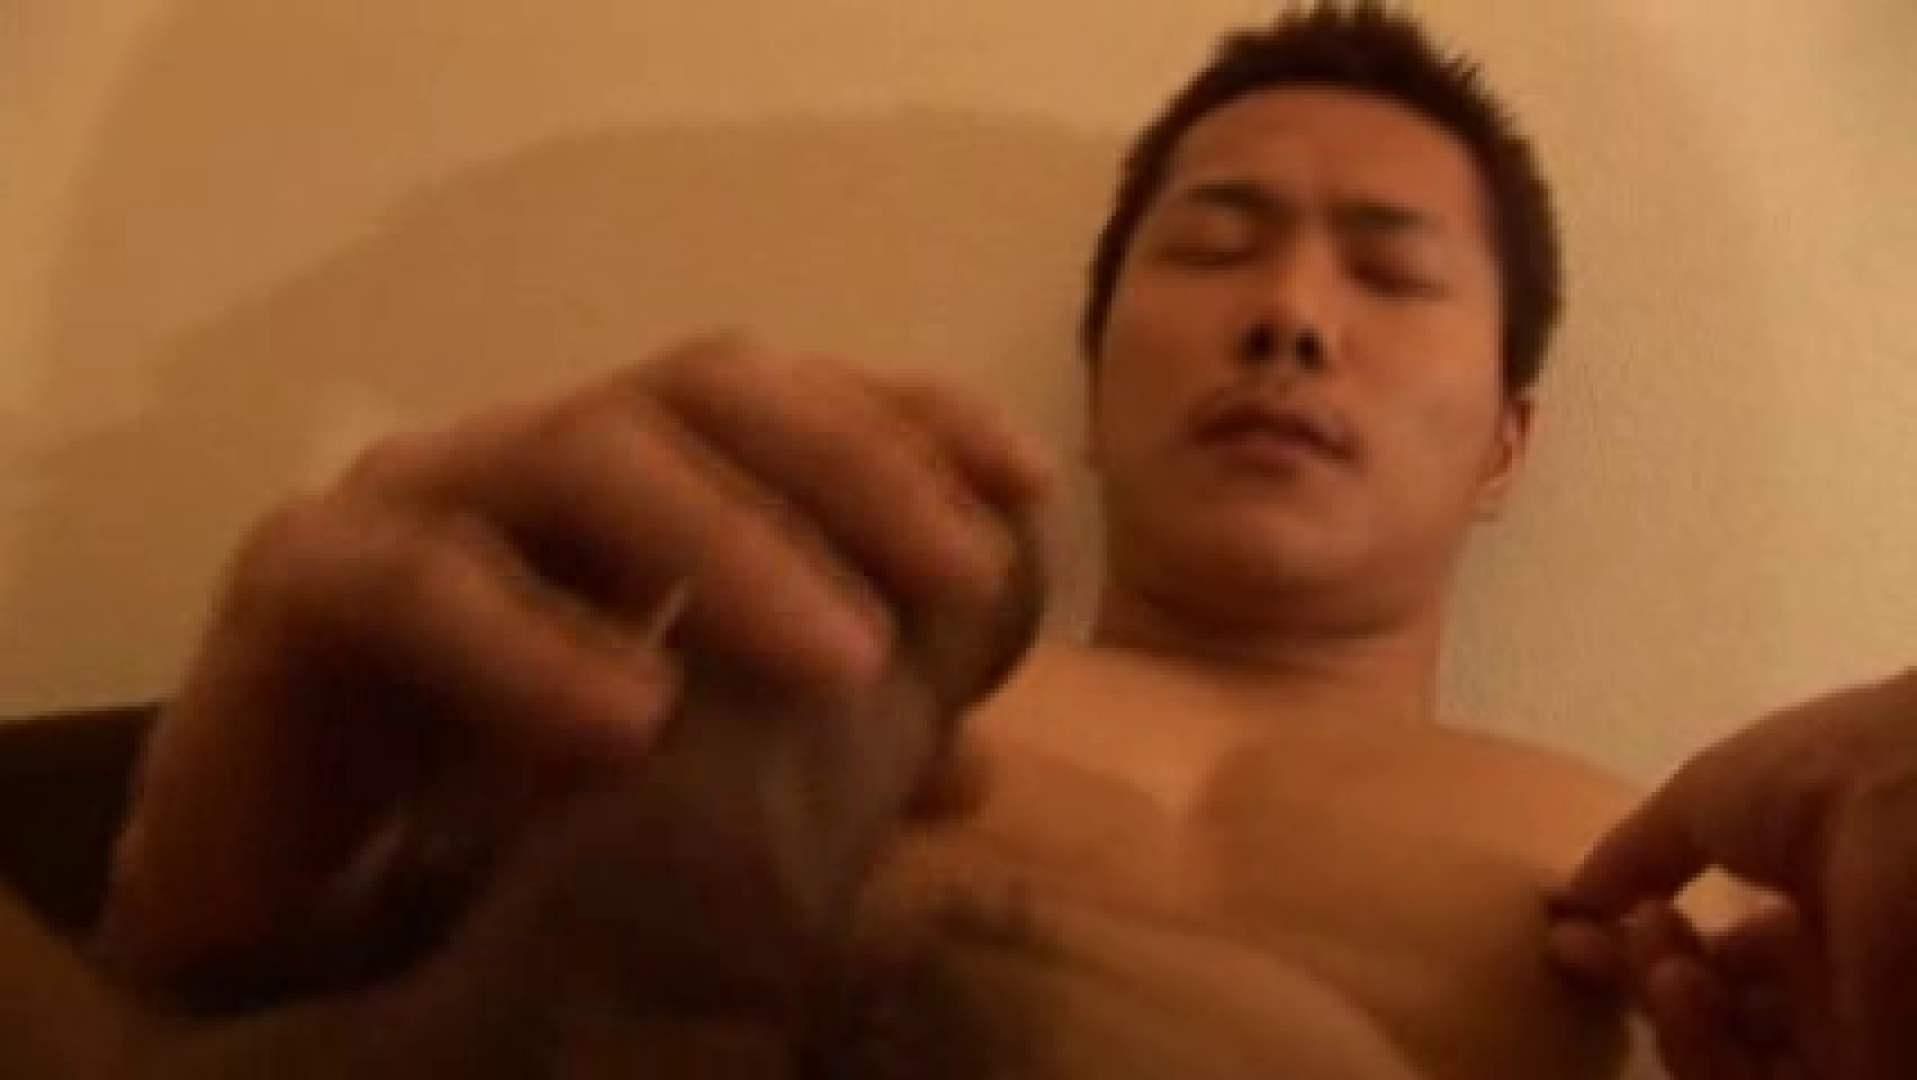 イケメン!!炸裂 Muscle  Stick!! その3 掘り  66枚 21